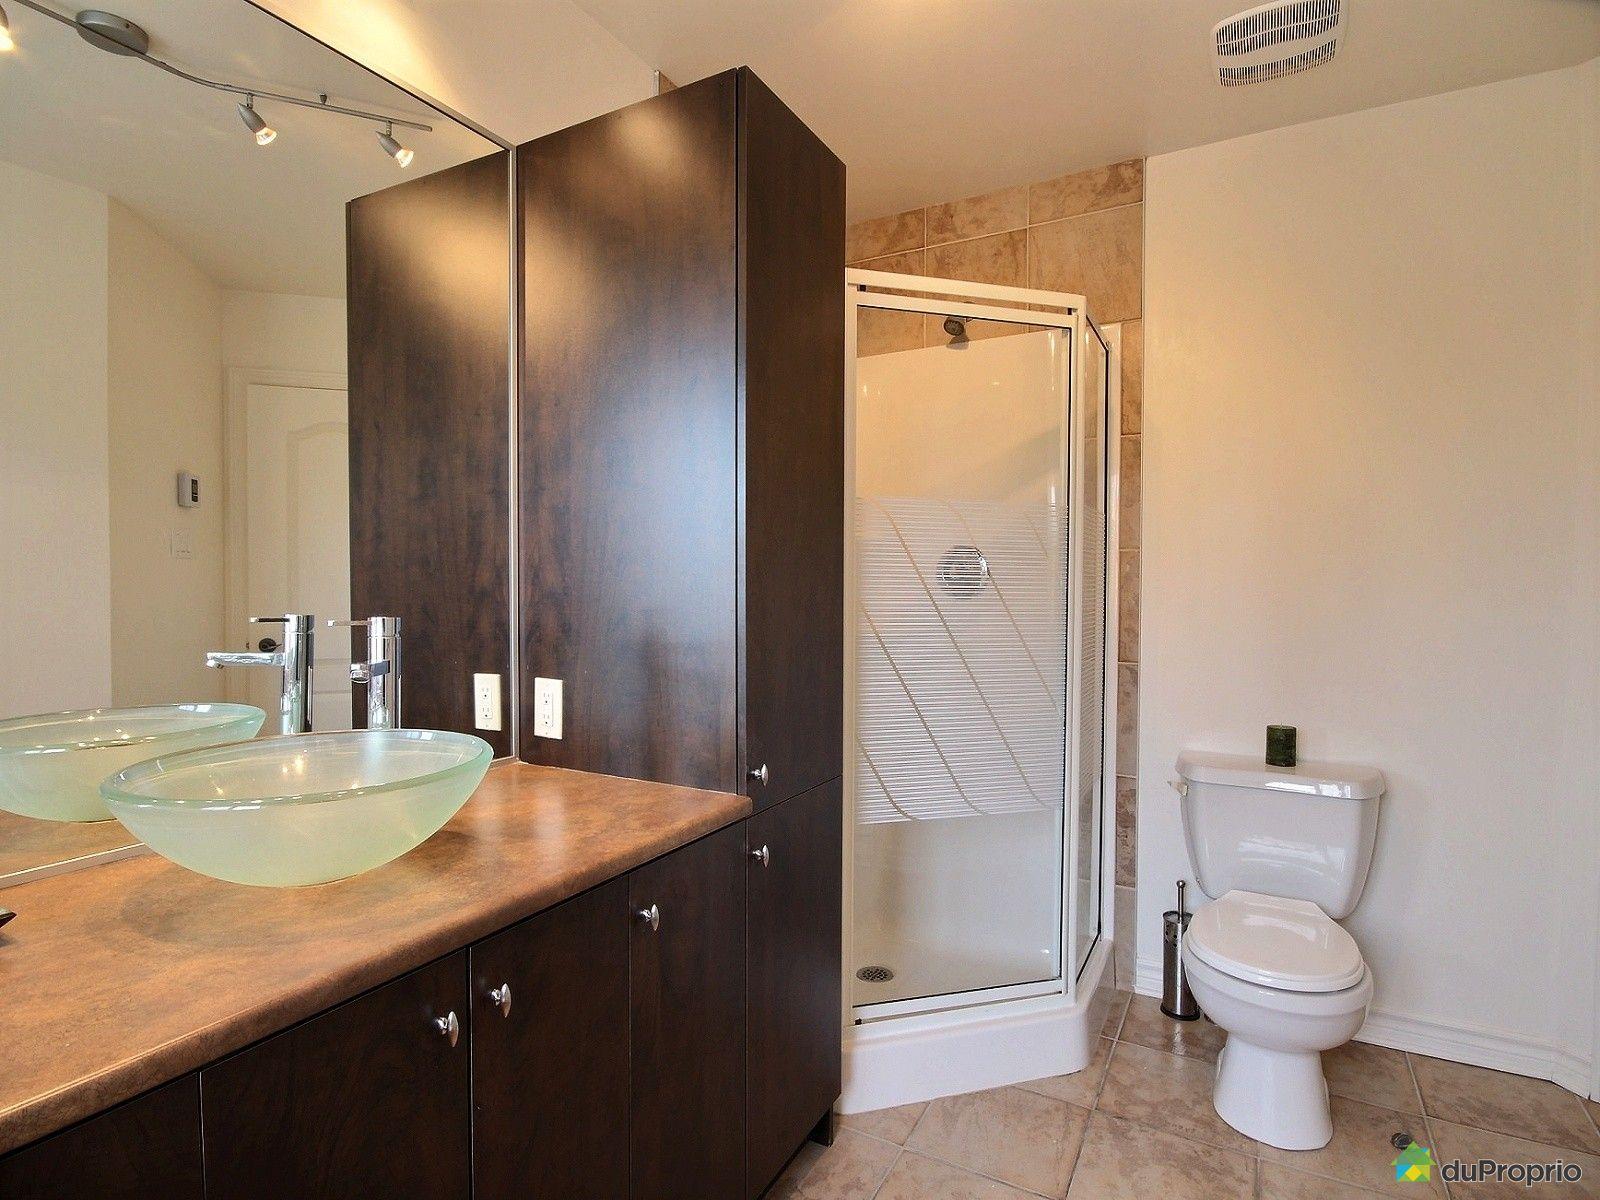 Jumel vendu longueuil immobilier qu bec duproprio 660665 for Salle de bain longueuil